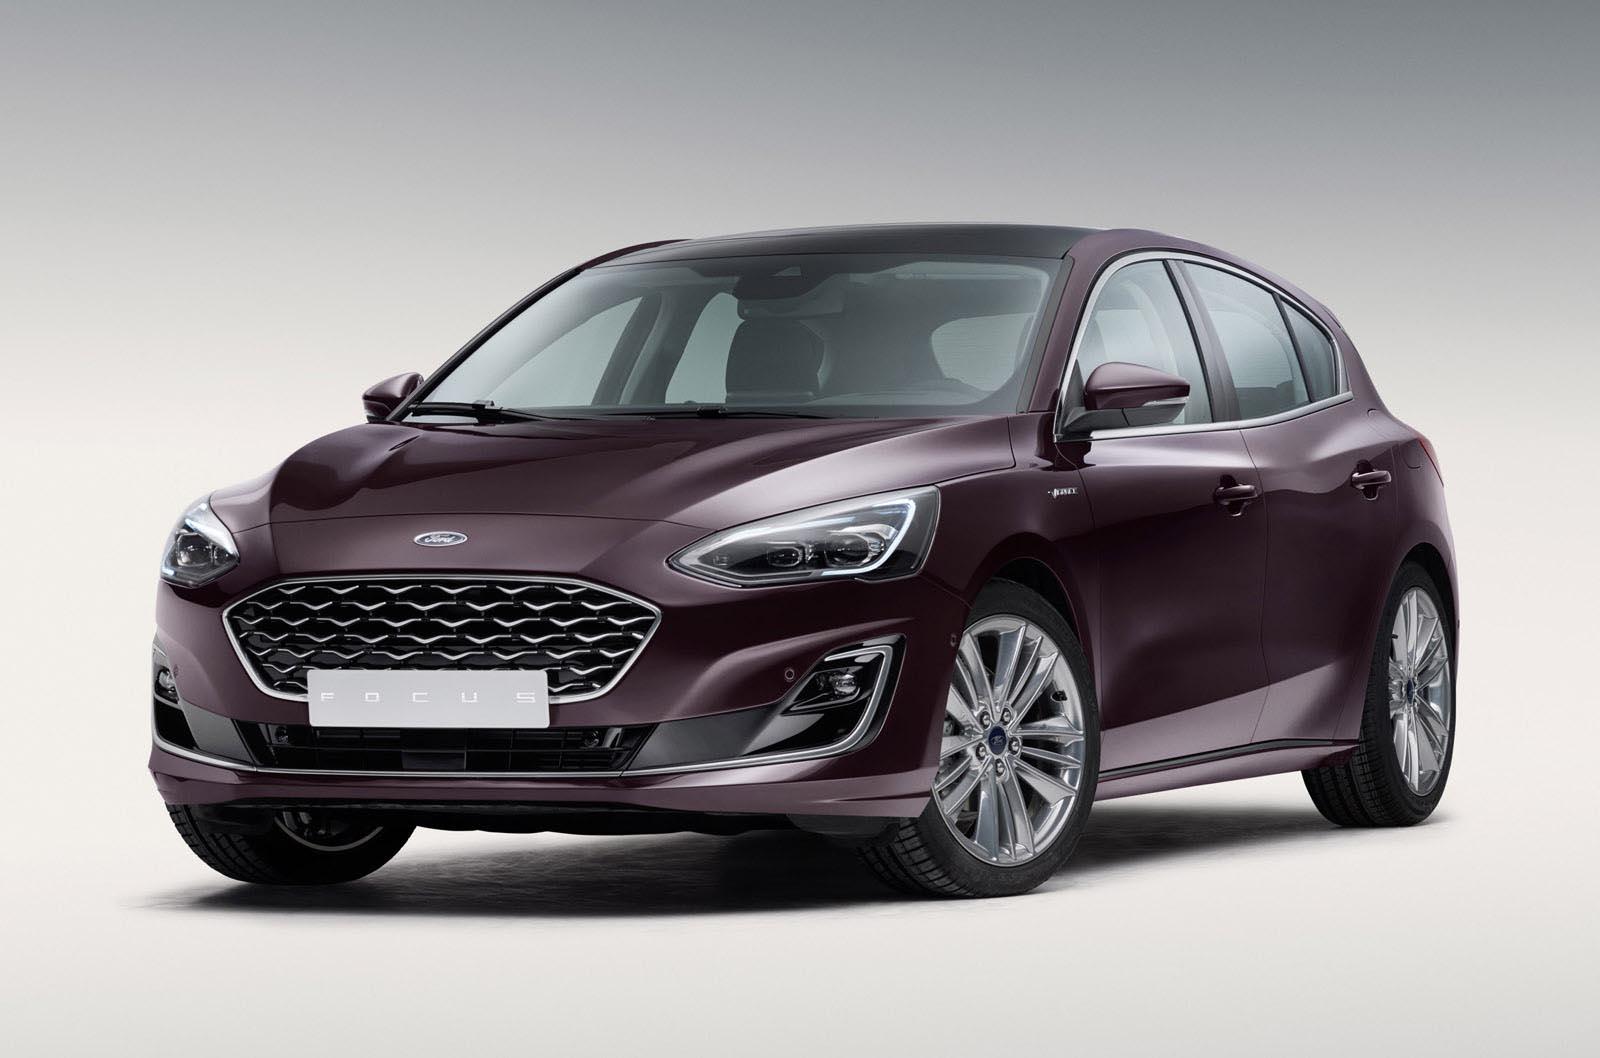 Precios de Ford Focus 2019 5p 1.0 EcoBoost 125 Trend+ Aut. 8V 5p